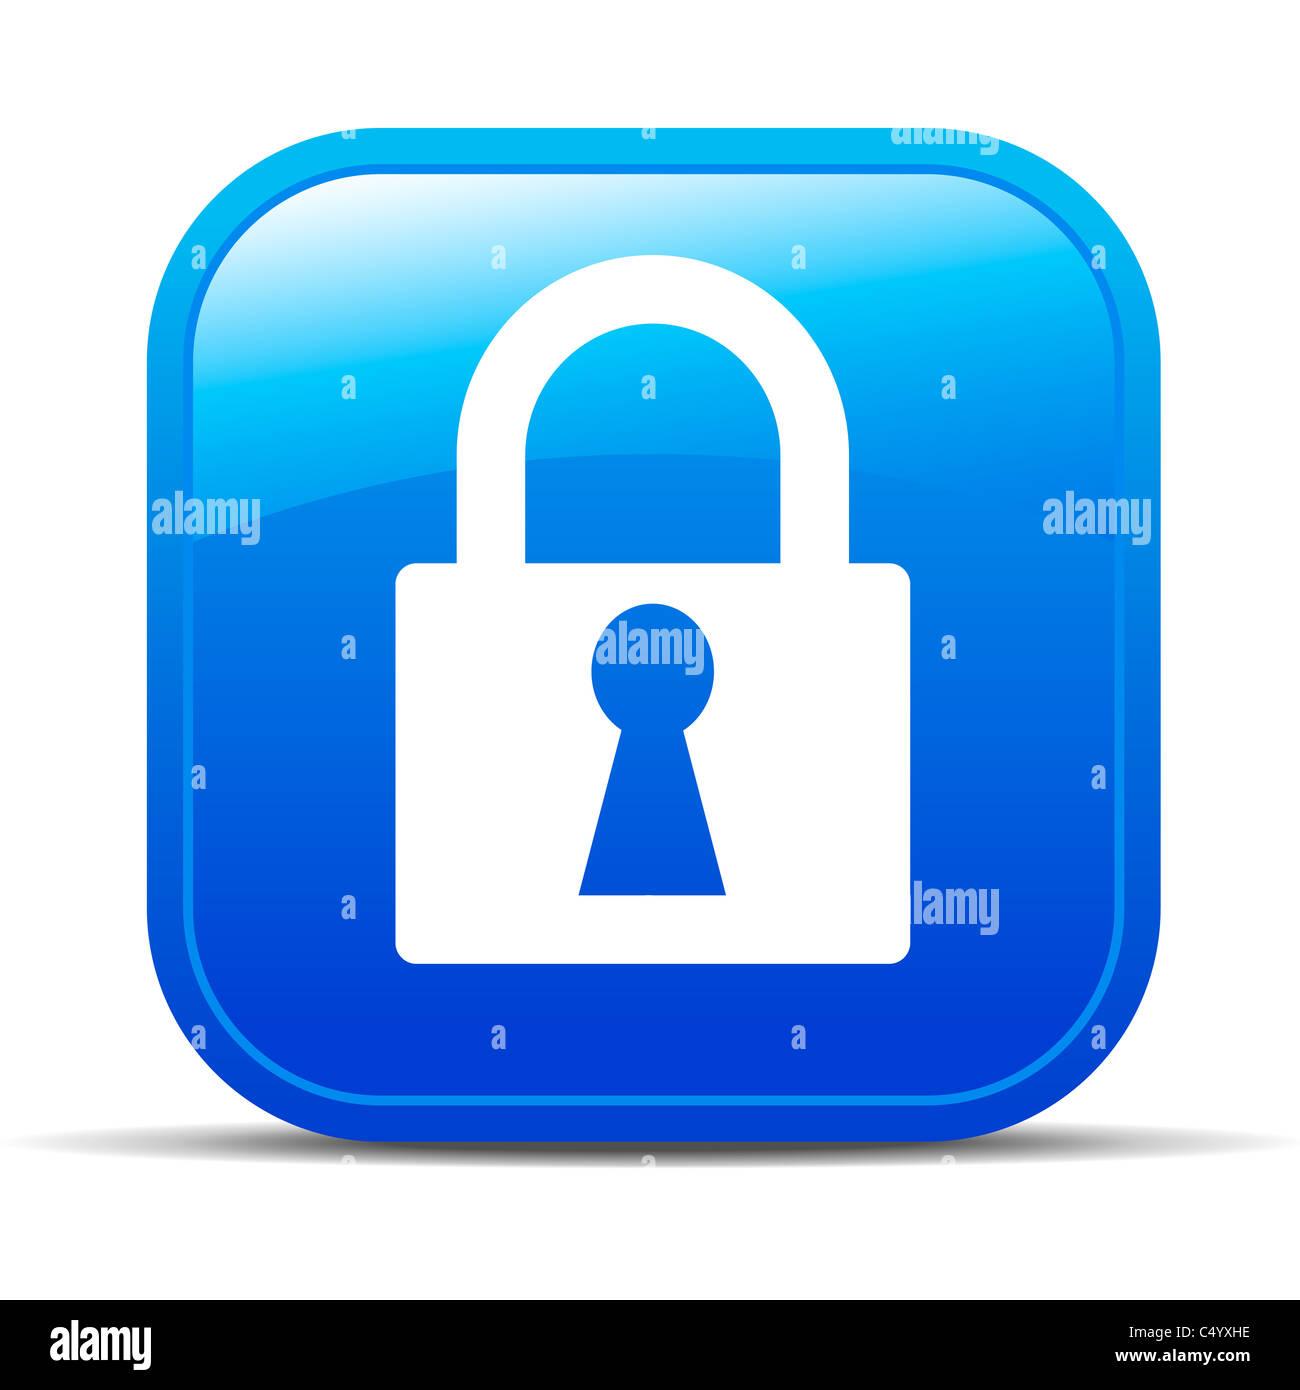 Cerradura de candado icono del botón de Internet Imagen De Stock